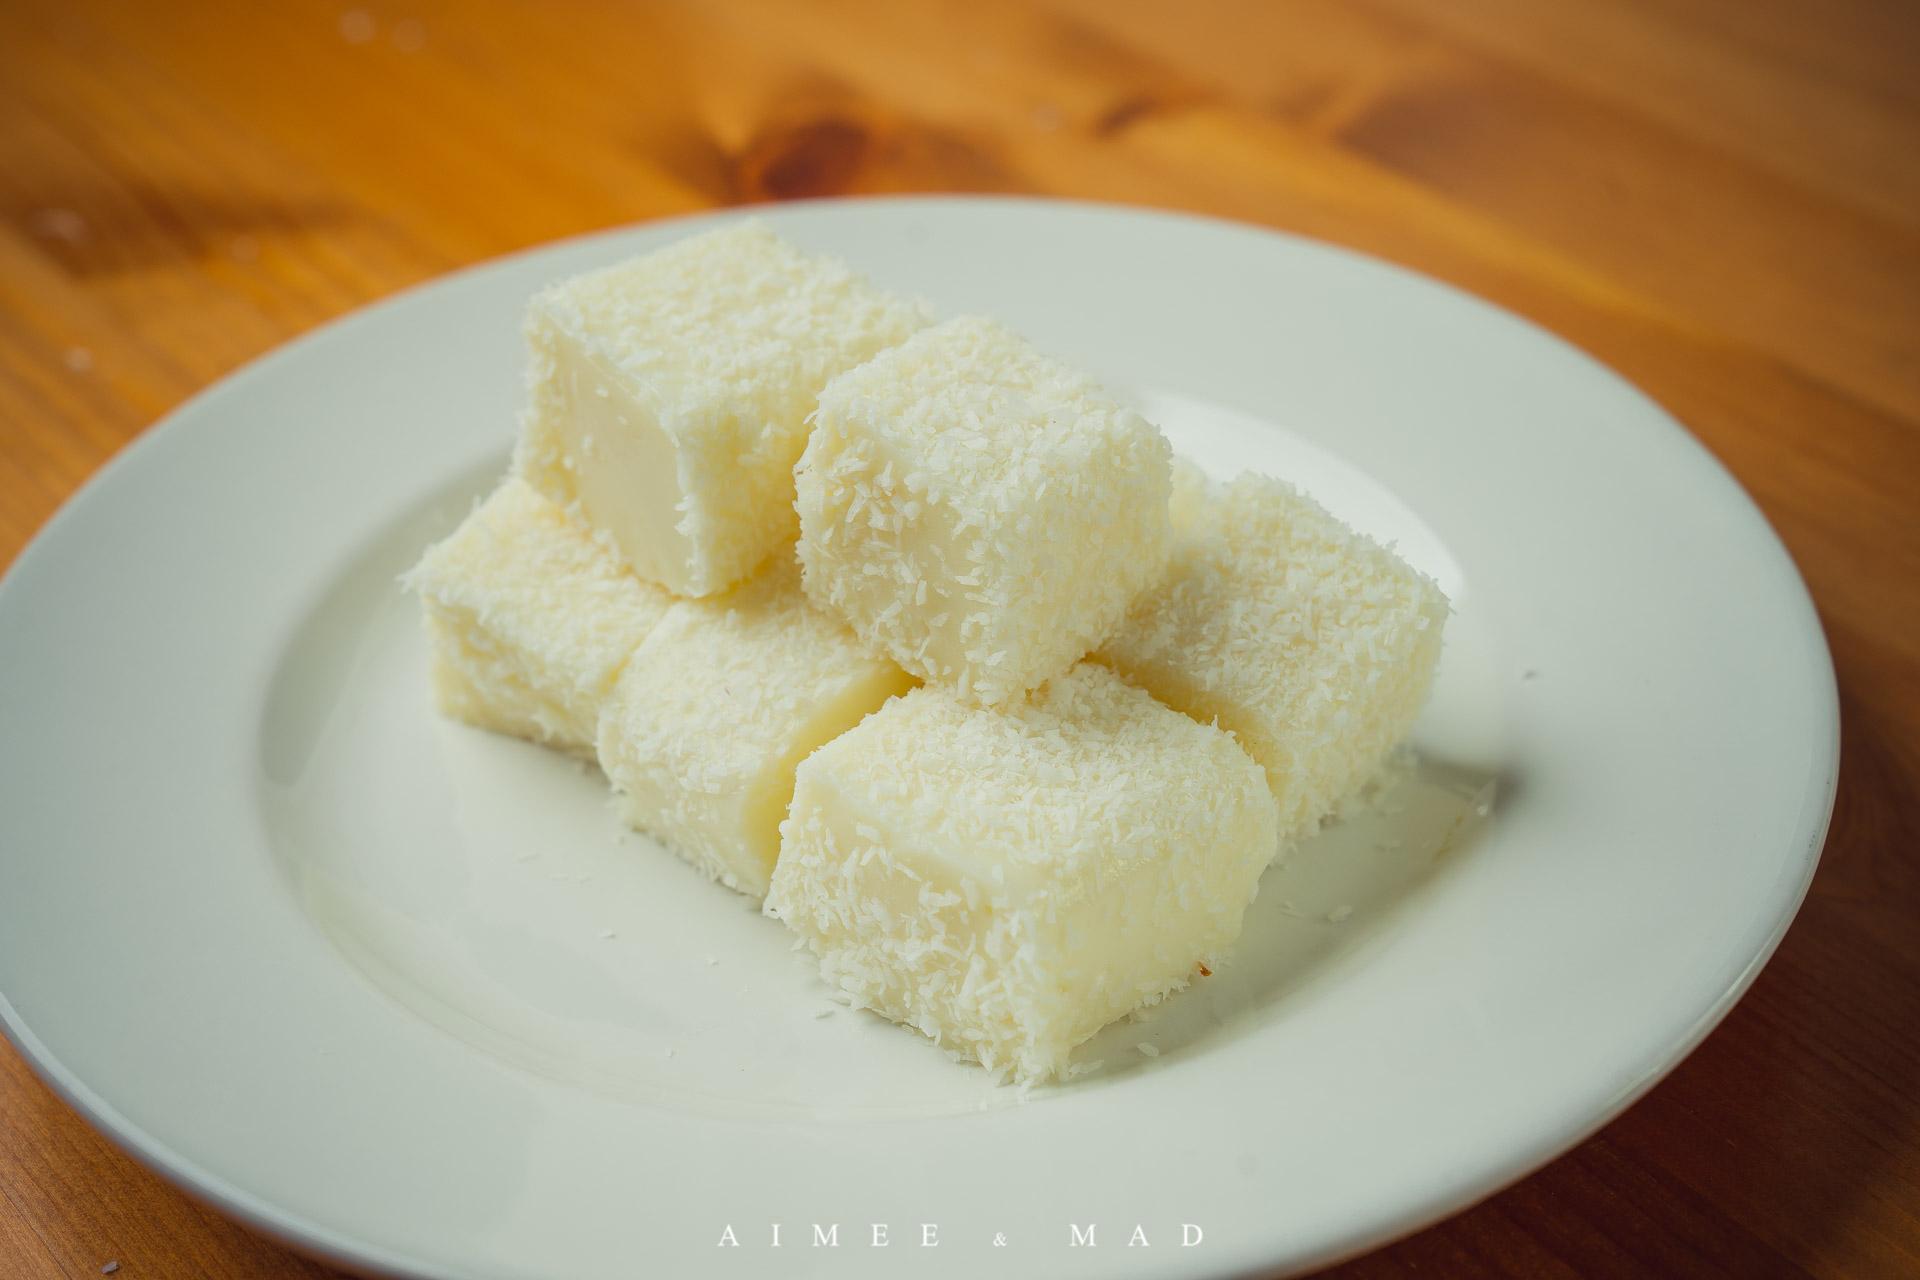 【自製雪花糕】夏日最清爽可口的甜點,只要幾步驟就可以輕鬆完成!